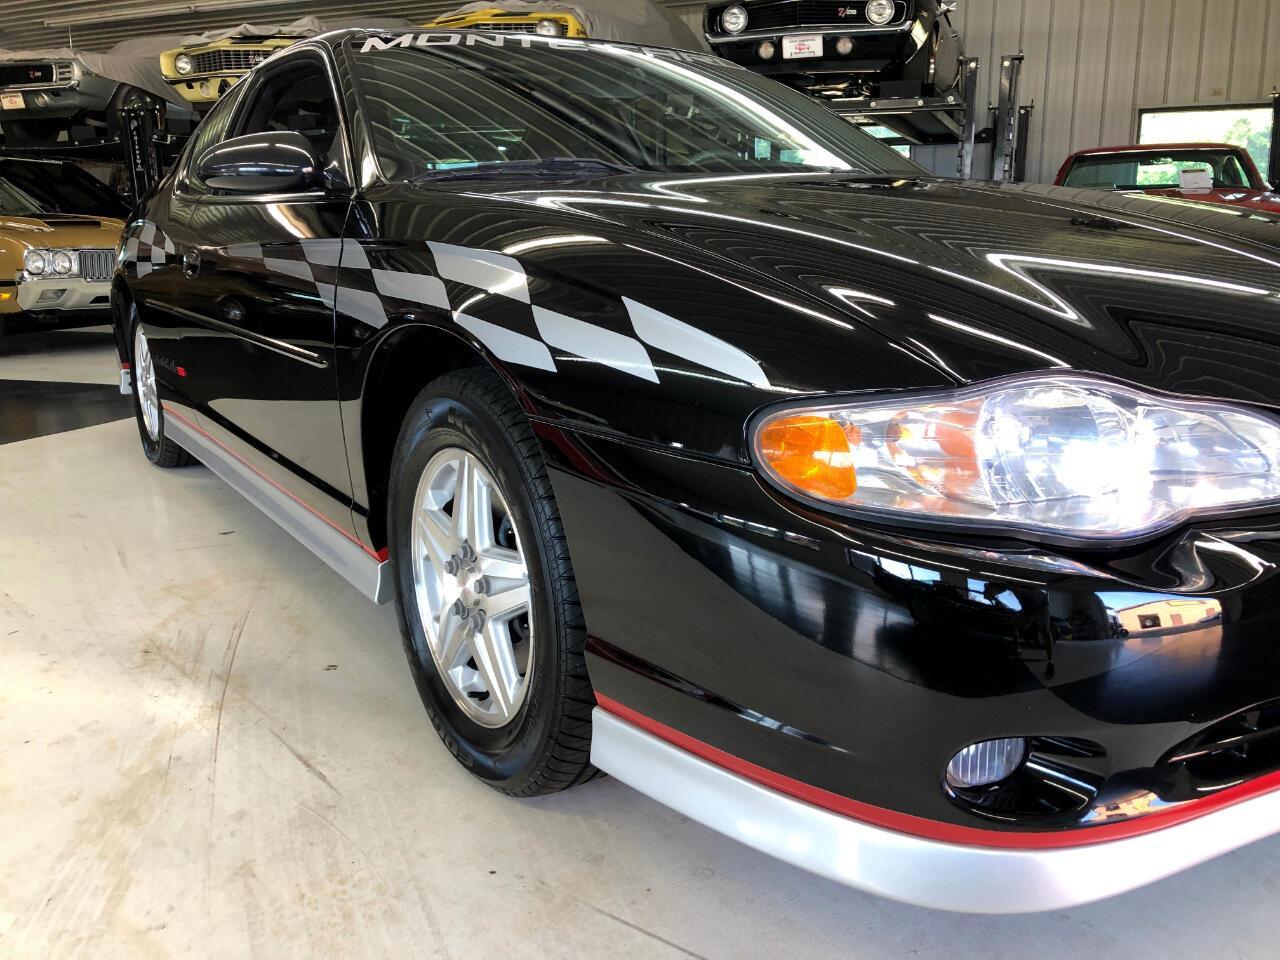 2001 Chevrolet Monte Carlo (CC-1352960) for sale in North Canton, Ohio